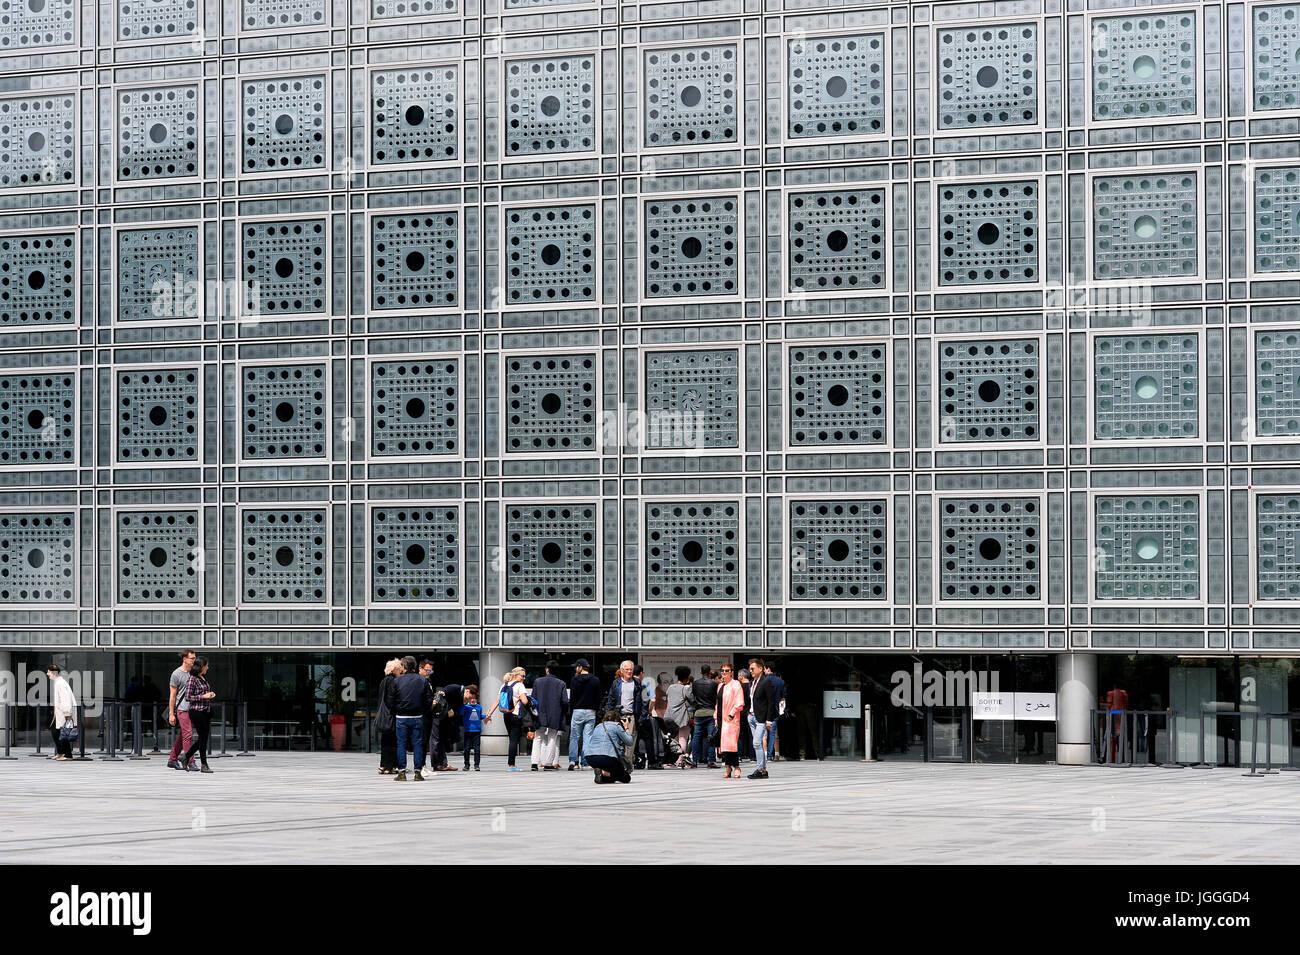 Institut du monde Arabe, 1 Rue des Fossés Saint-Bernard, 75005 Paris, France - Stock Image